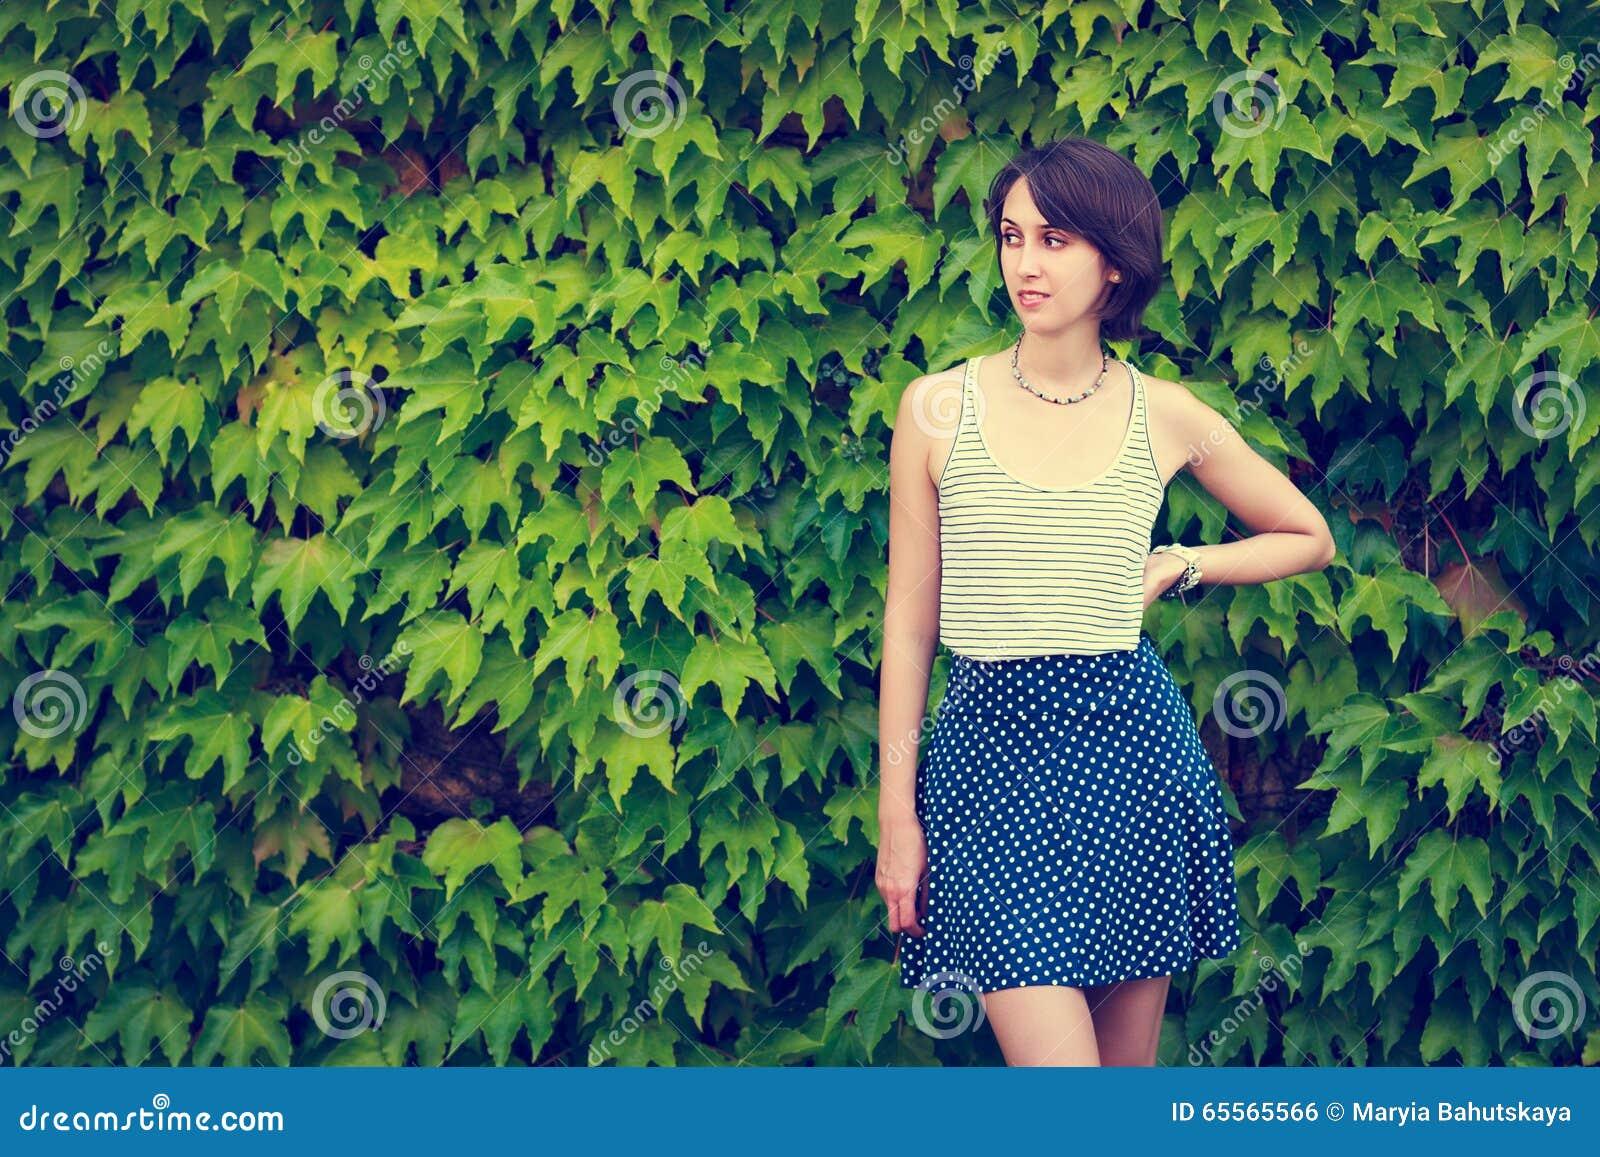 Милые девушки подростки на природе фото